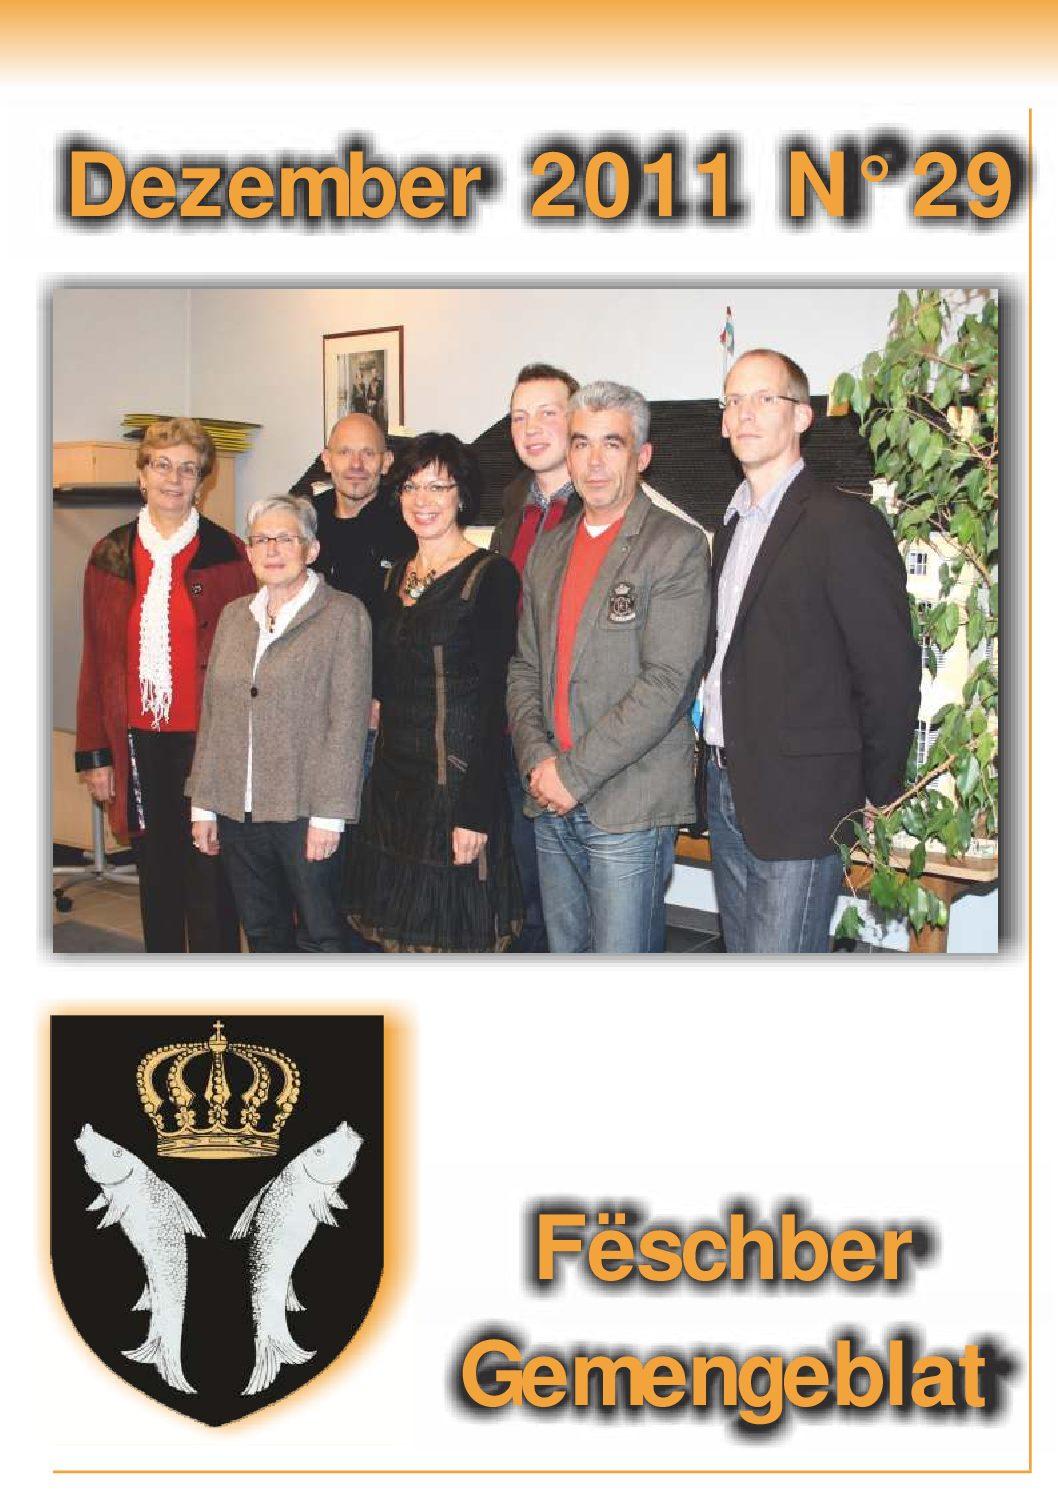 Dezember 2011 Gemengeblat No. 29